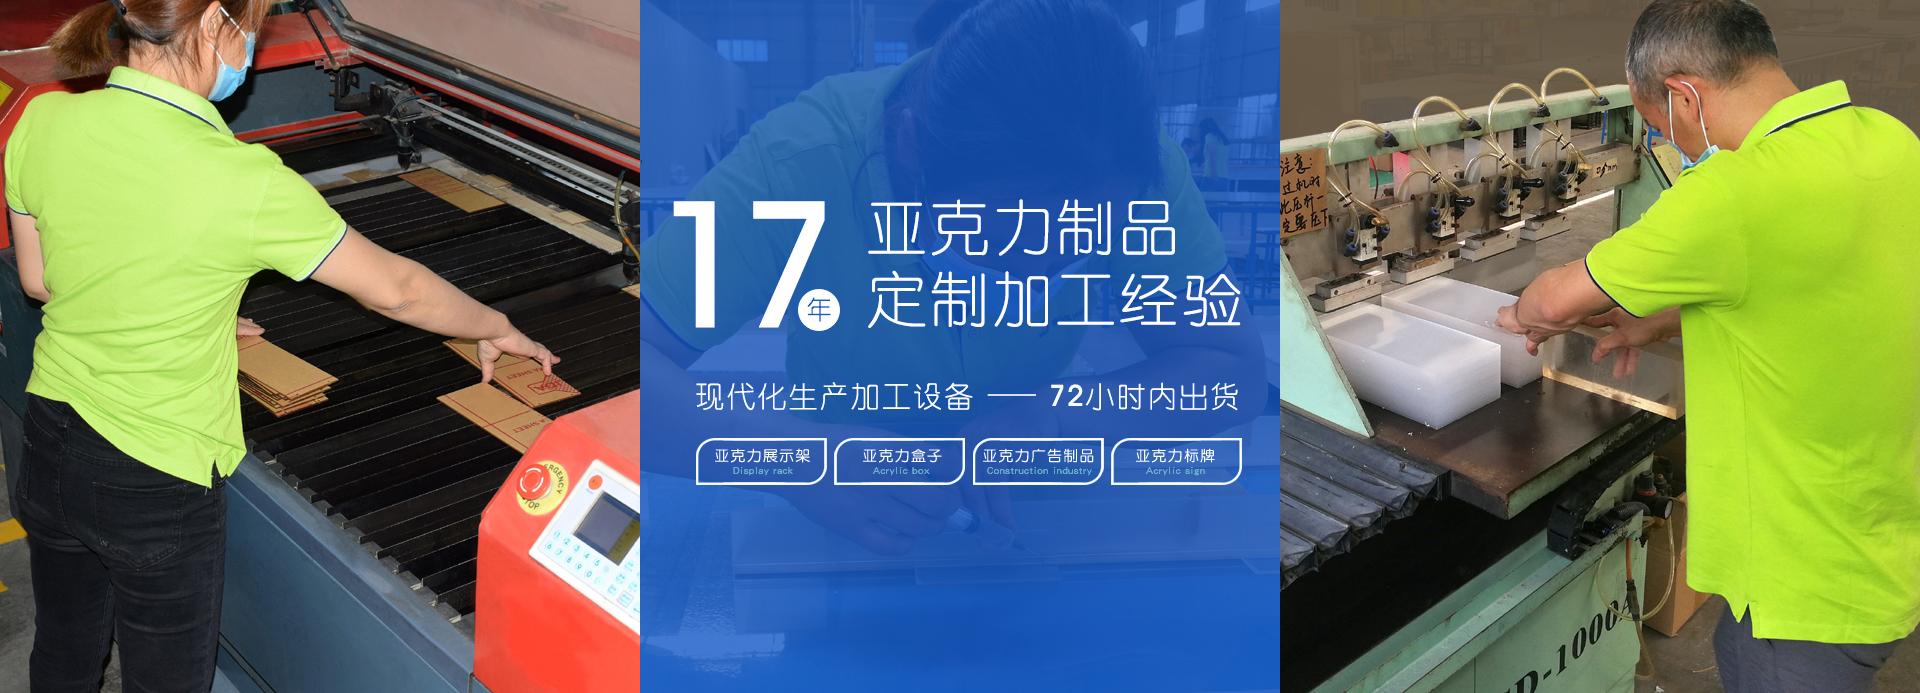 17年亚克力制品定制加工经验-广州至丽